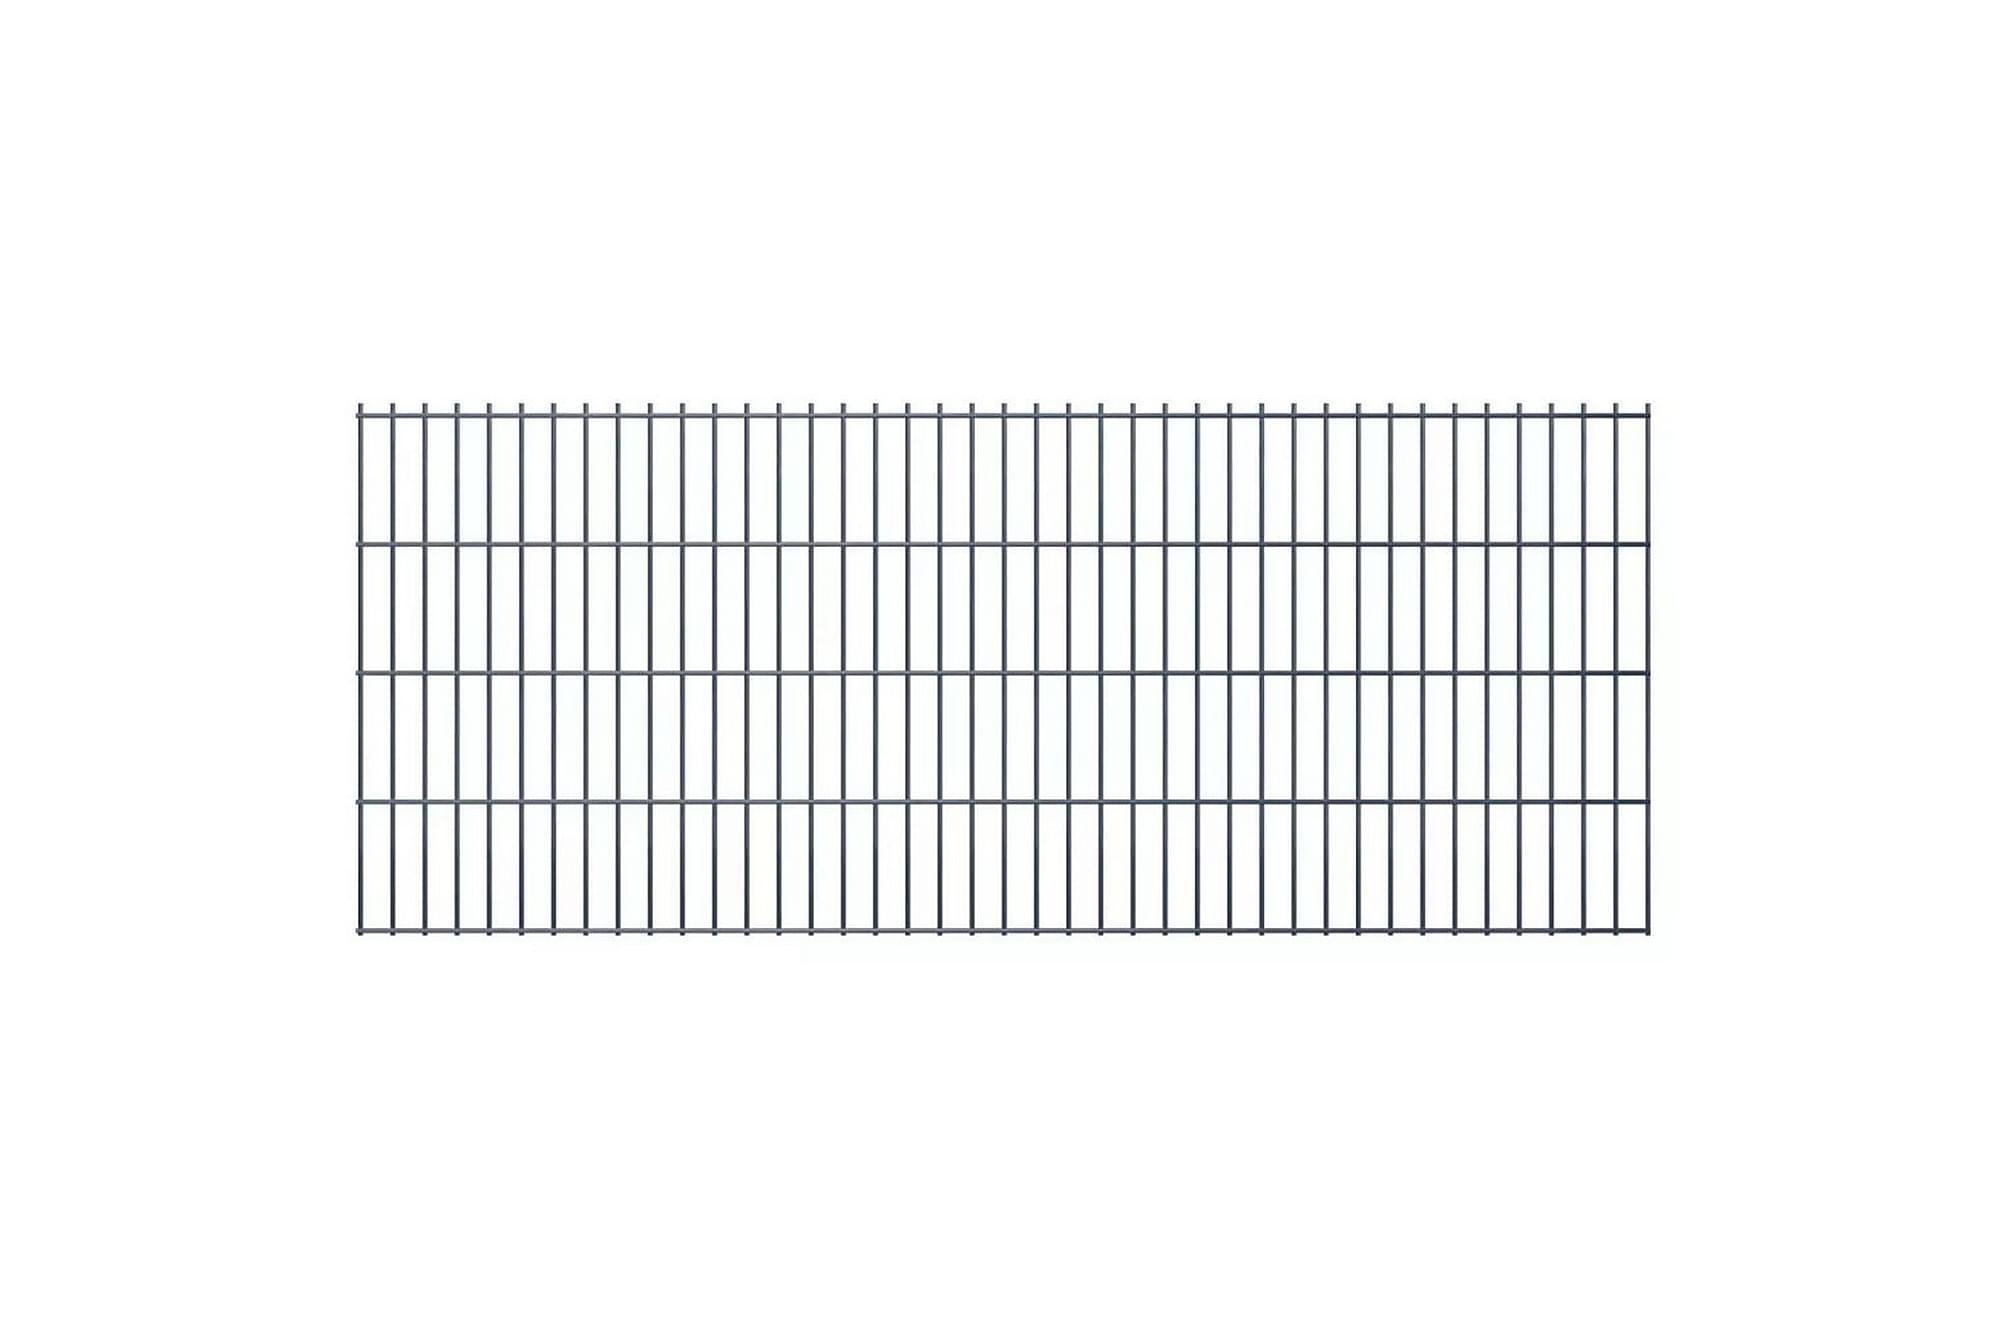 2D Stängselpaneler 2,008x0,83 m grå, Staket & grindar